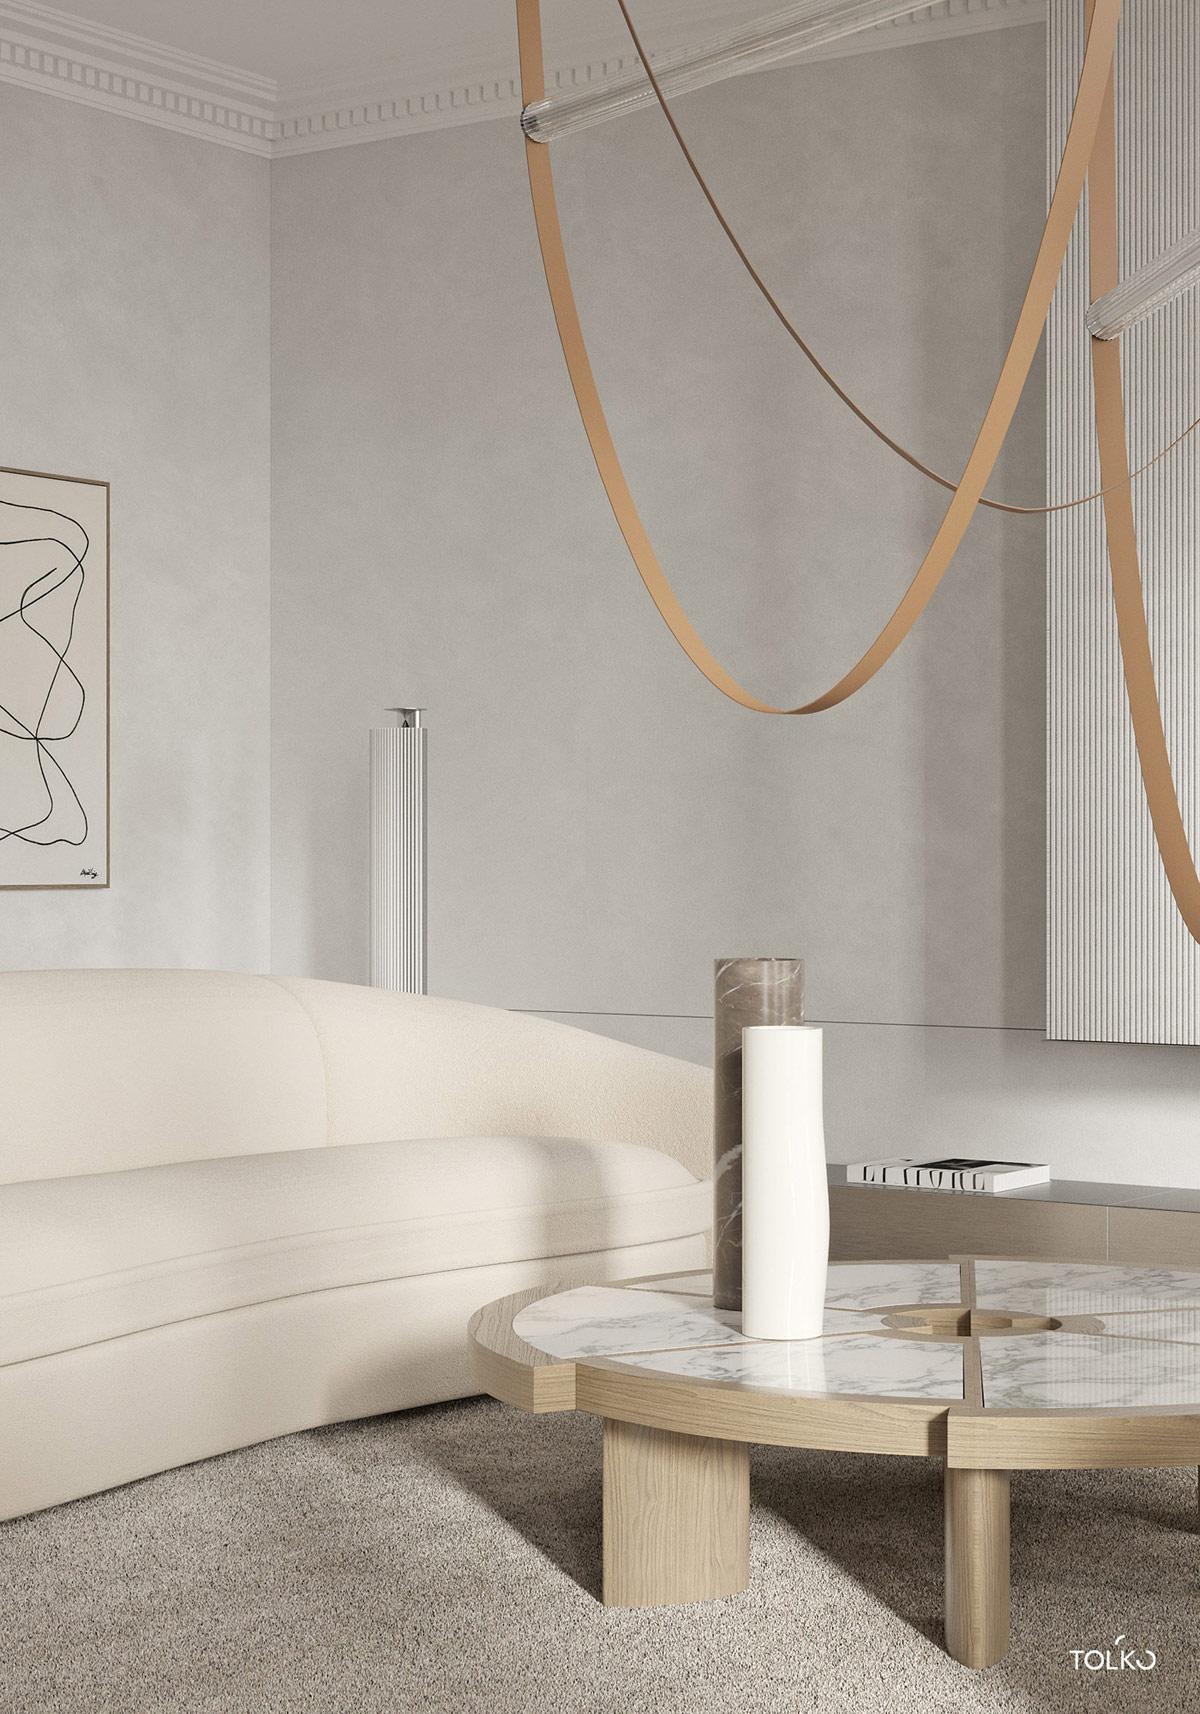 向往的悠闲时尚感!150平方米中性色装饰风公寓